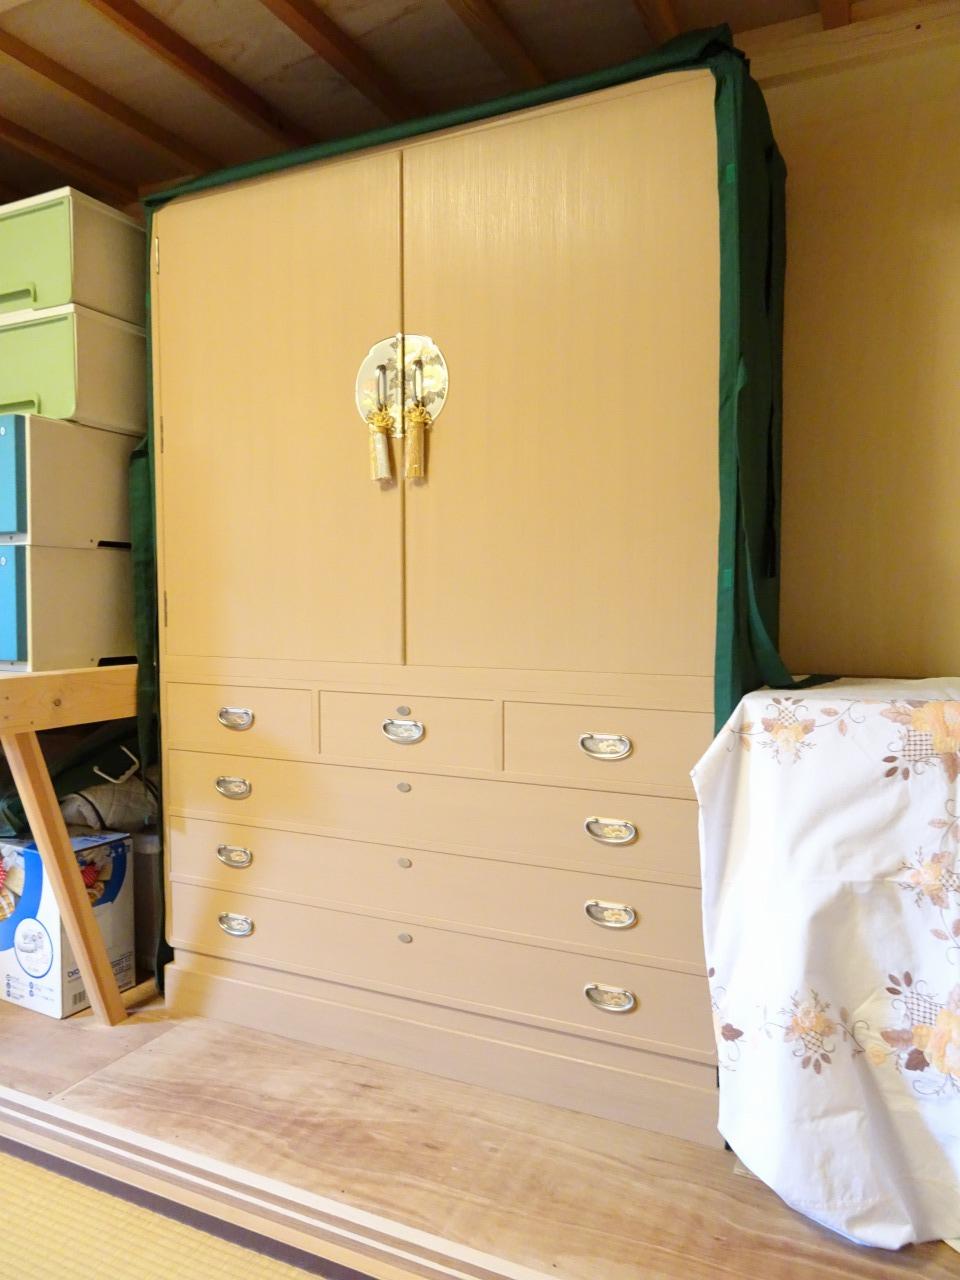 貝塚市のH様ご依頼の大阪泉州桐箪笥初音の家具 こだわりの総桐開け衣装箪笥をお届けいたしました。